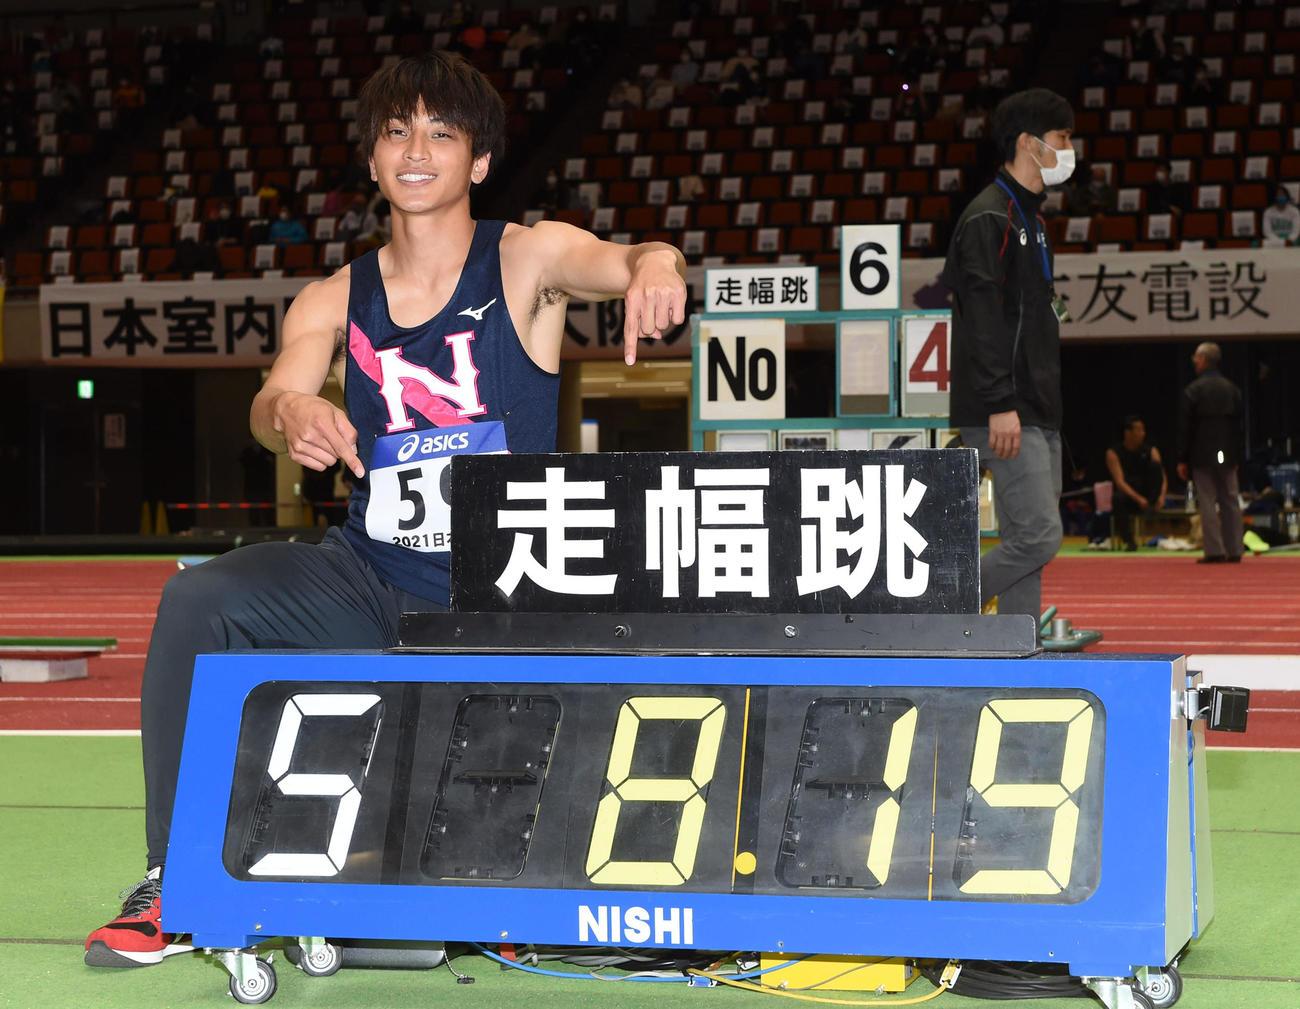 男子走り幅跳び、8メートル19の室内日本新をマークした橋岡優輝(撮影・前岡正明)